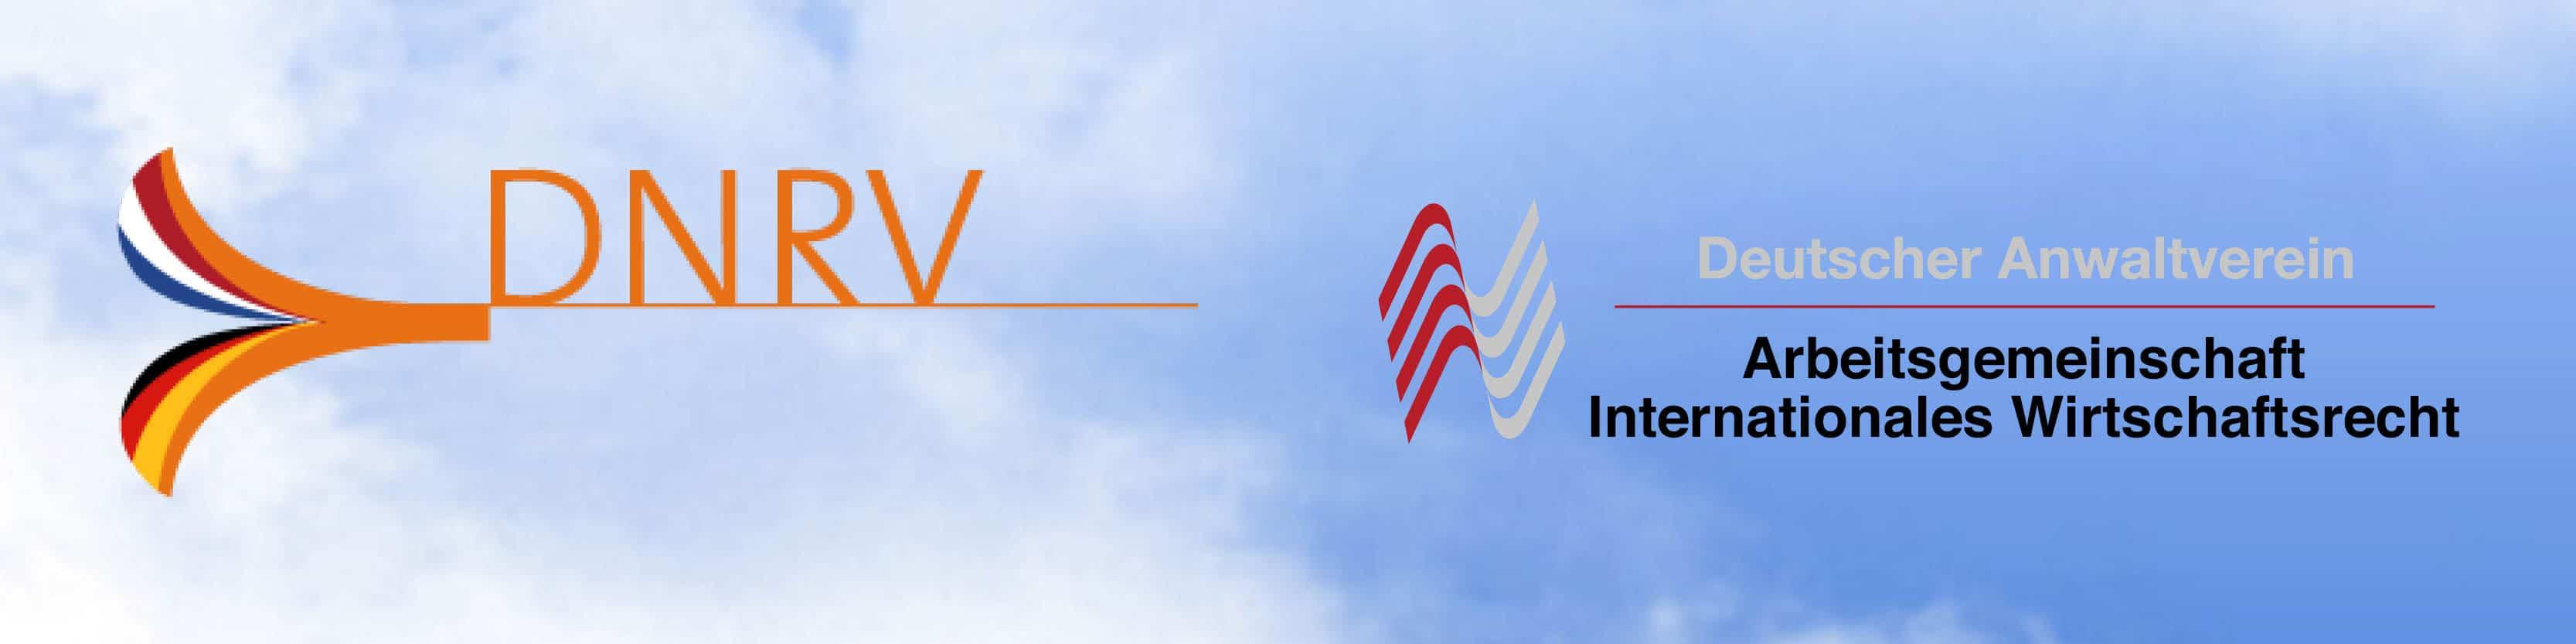 DNRV Seminare für Deut Niederländische Schiedsgerichtsverfahren, Dutch arbitration